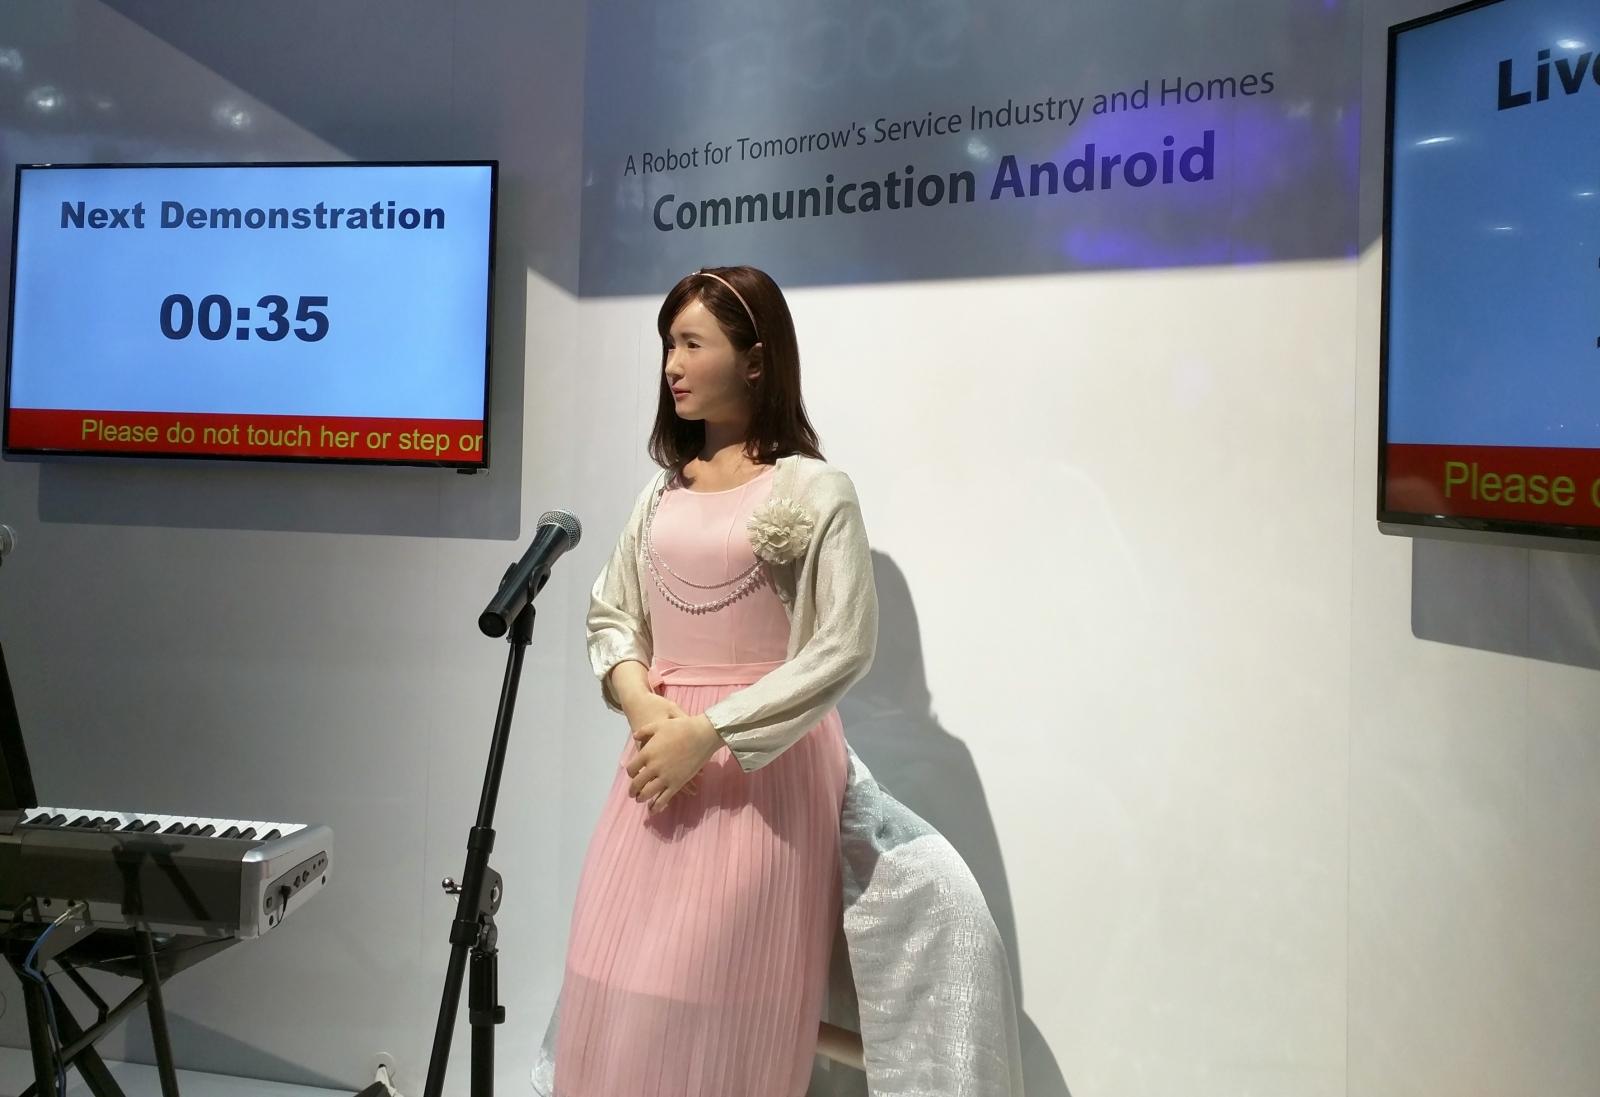 ChihiraAico Toshiba Humanoid Robot